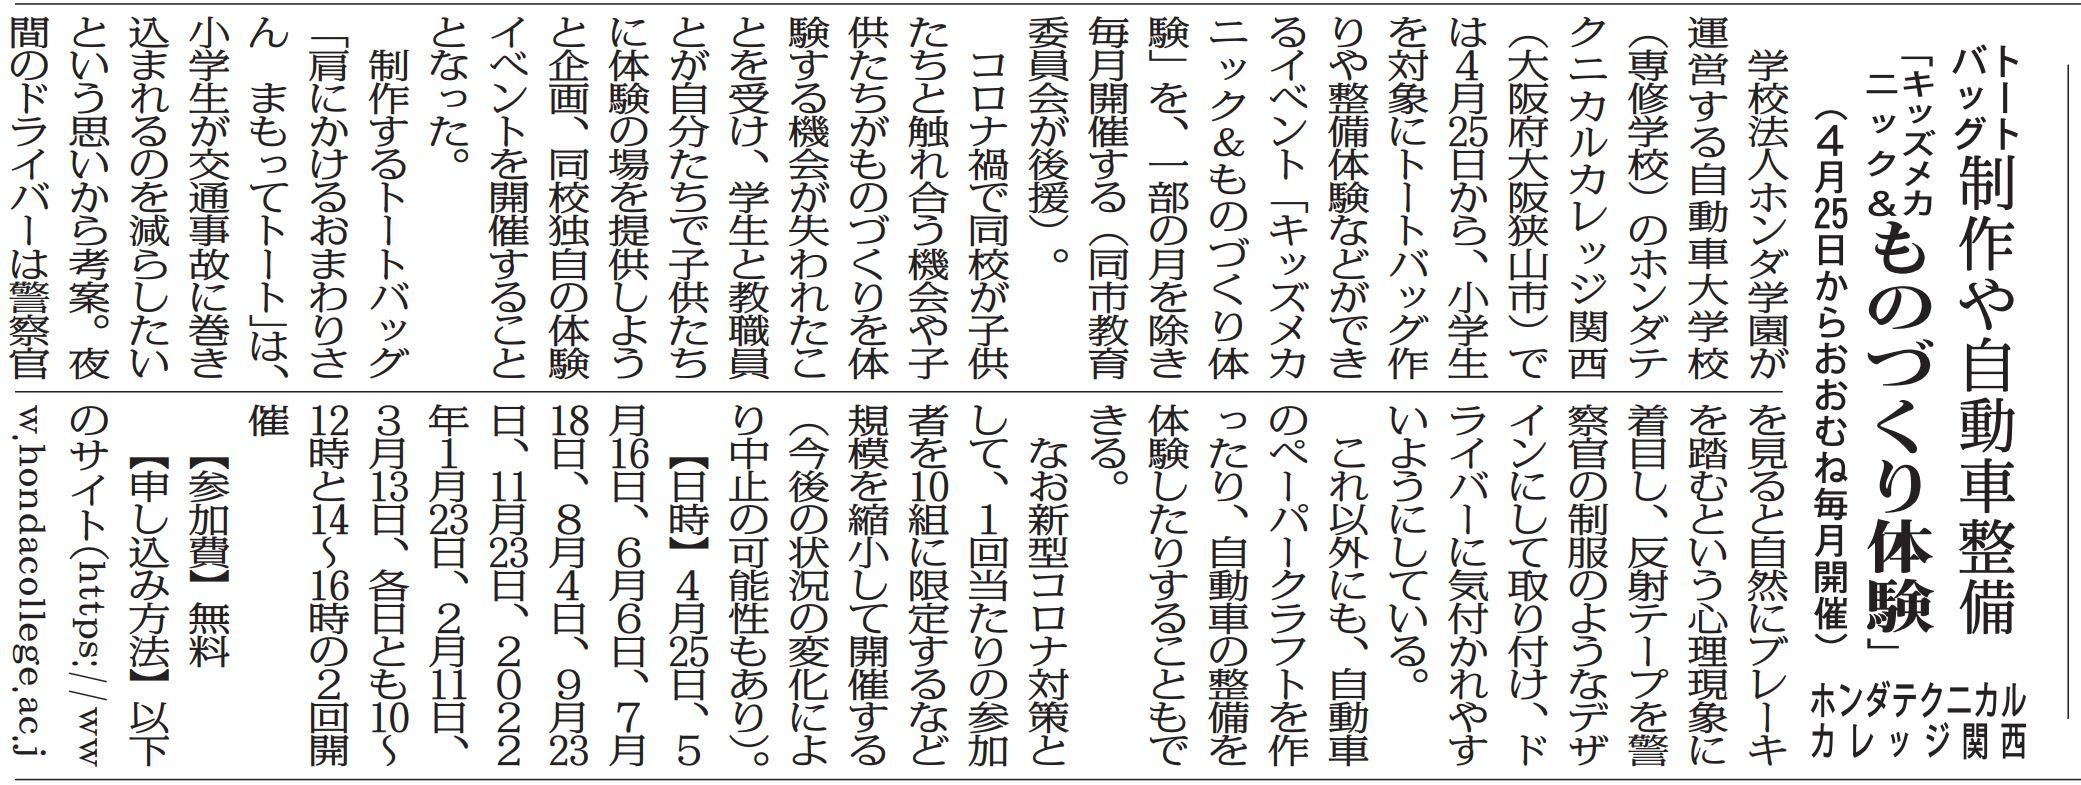 【新聞掲載】全私学新聞の記事に取り上げ(4月23日発行号)